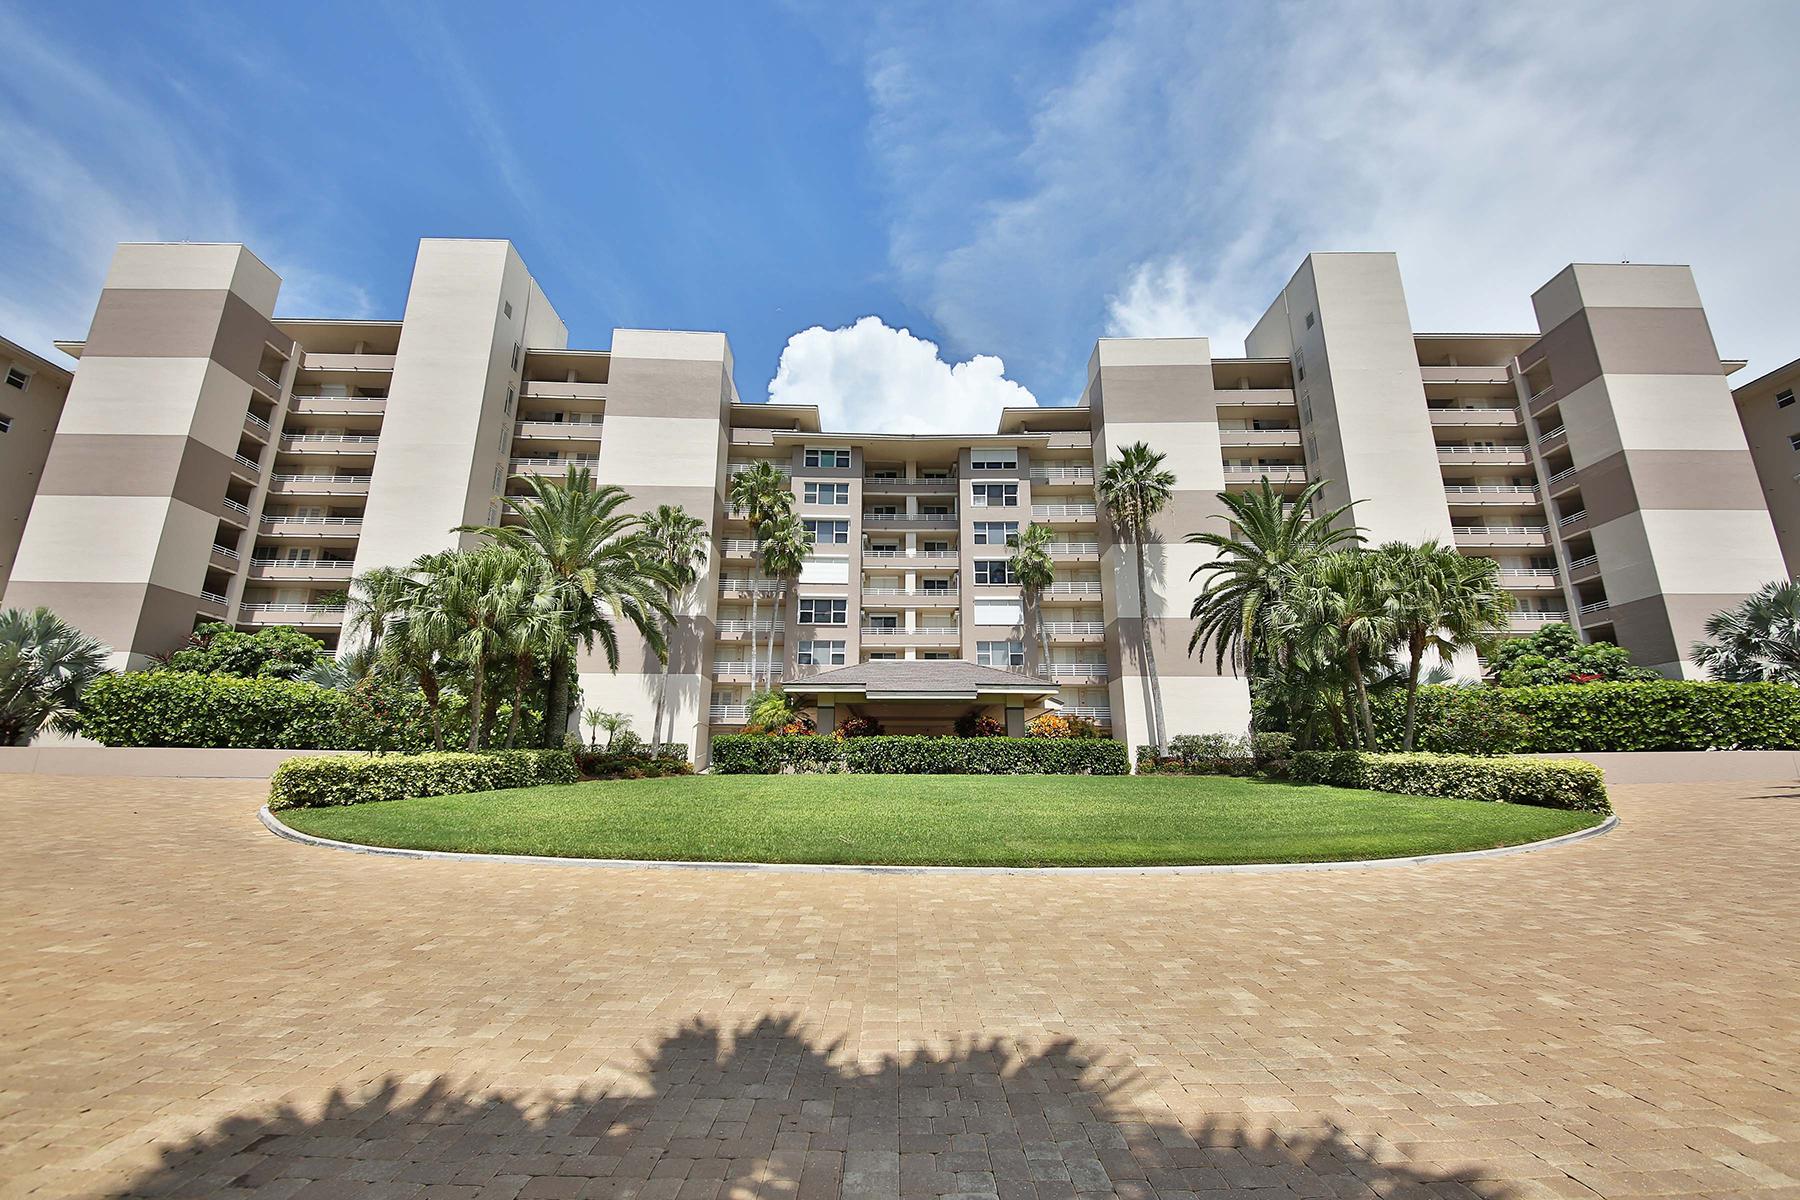 Кондоминиум для того Продажа на MARCO ISLAND 780 S Collier Blvd 506, Marco Island, Флорида, 34145 Соединенные Штаты